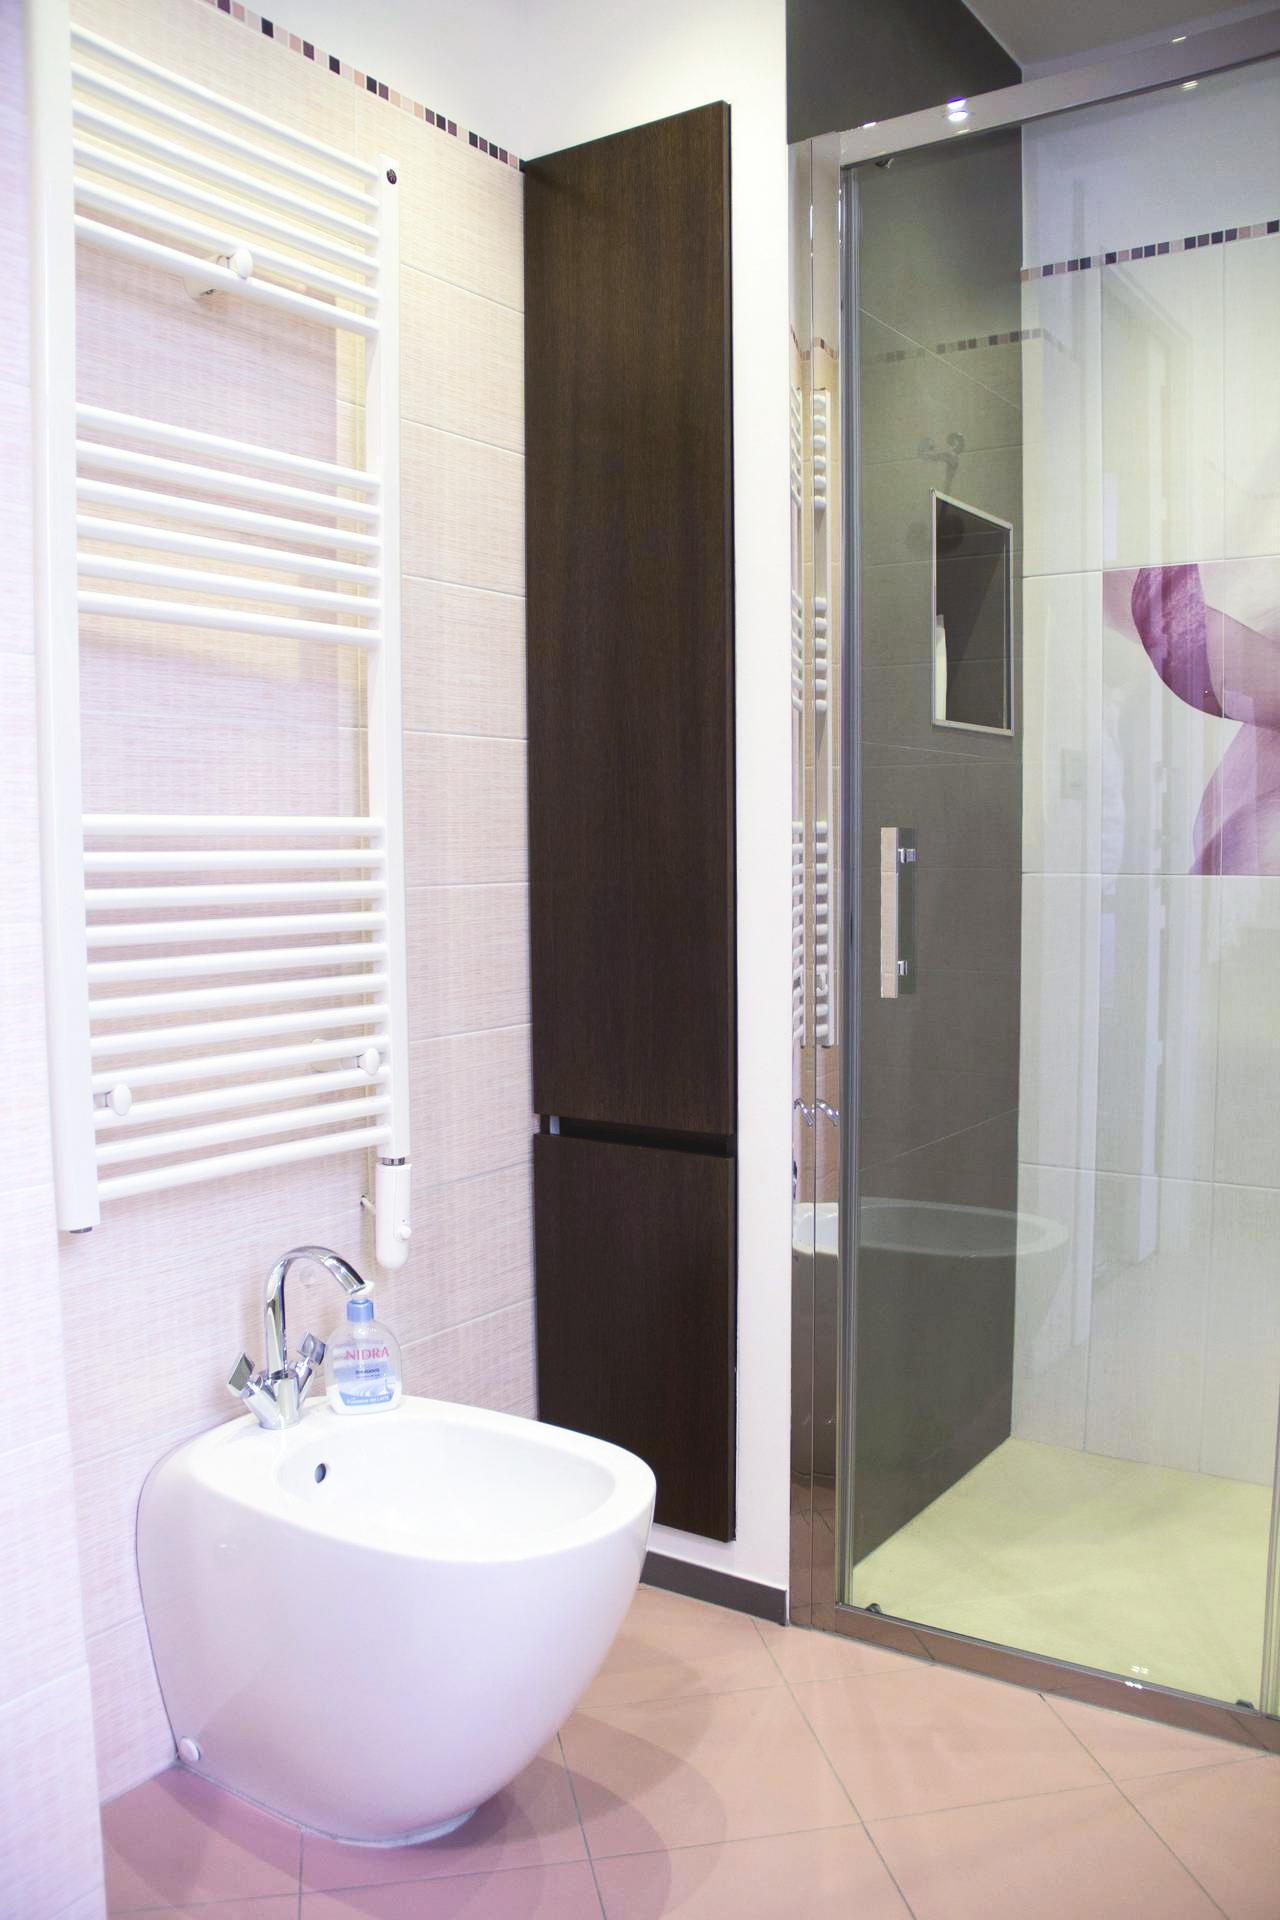 Ristrutturazione bagno do up home do up home - Ristrutturazione edilizia bagno ...